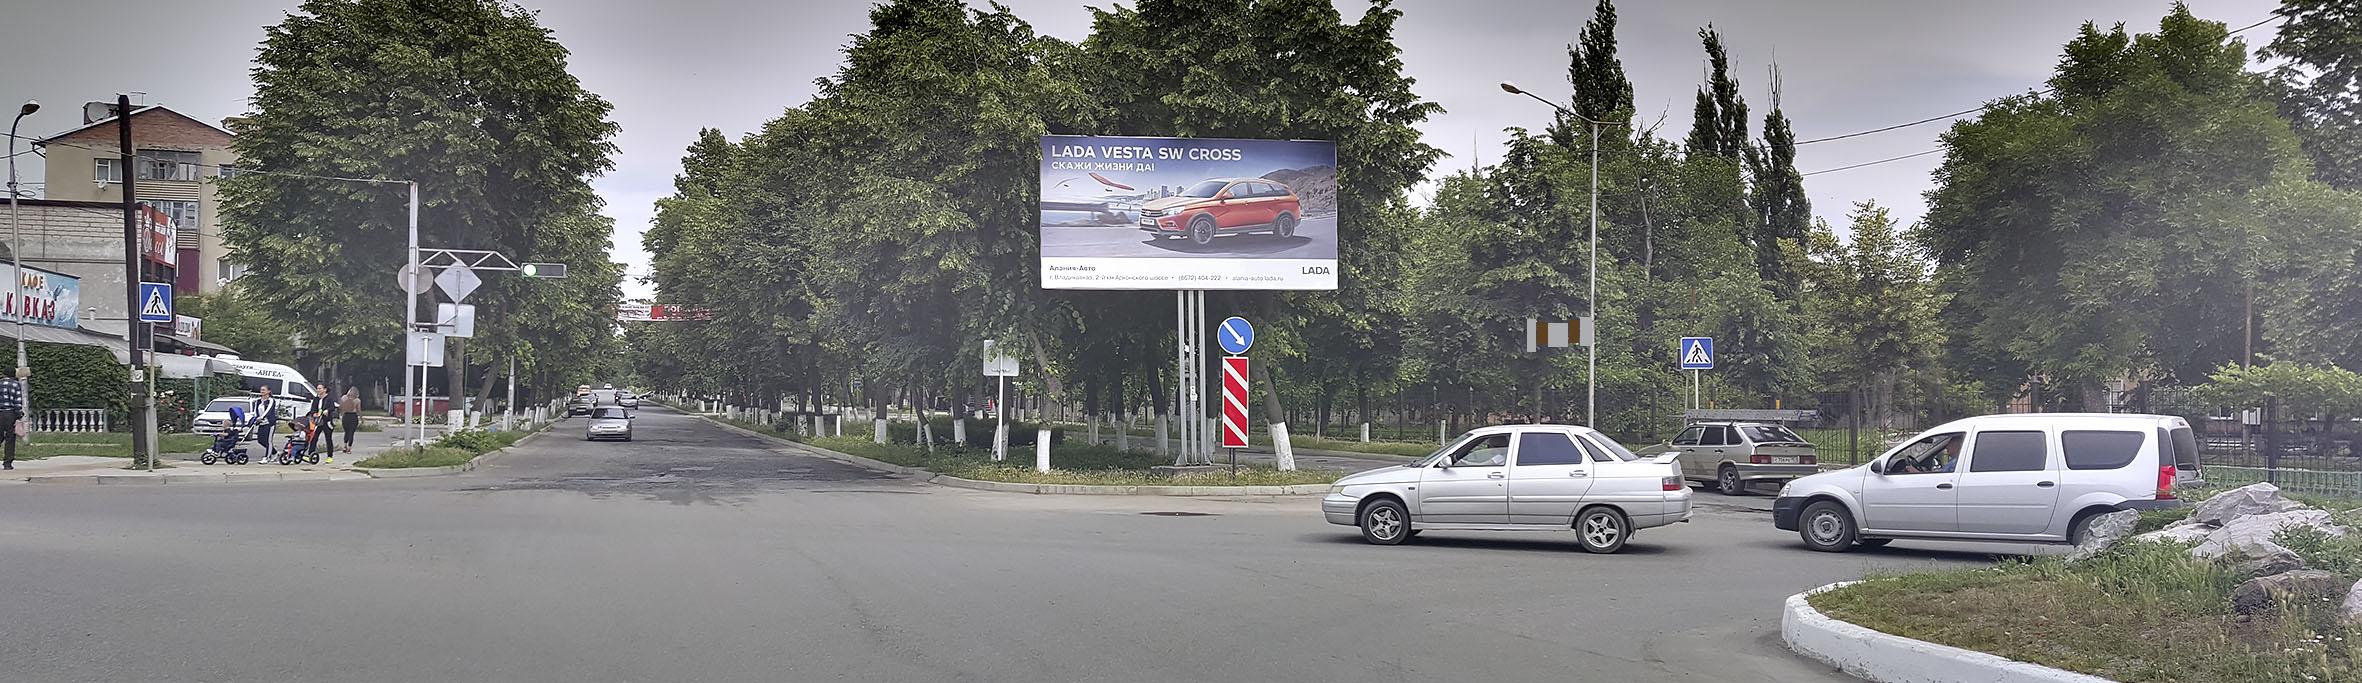 Реклама на билбордах в Моздоке щиты